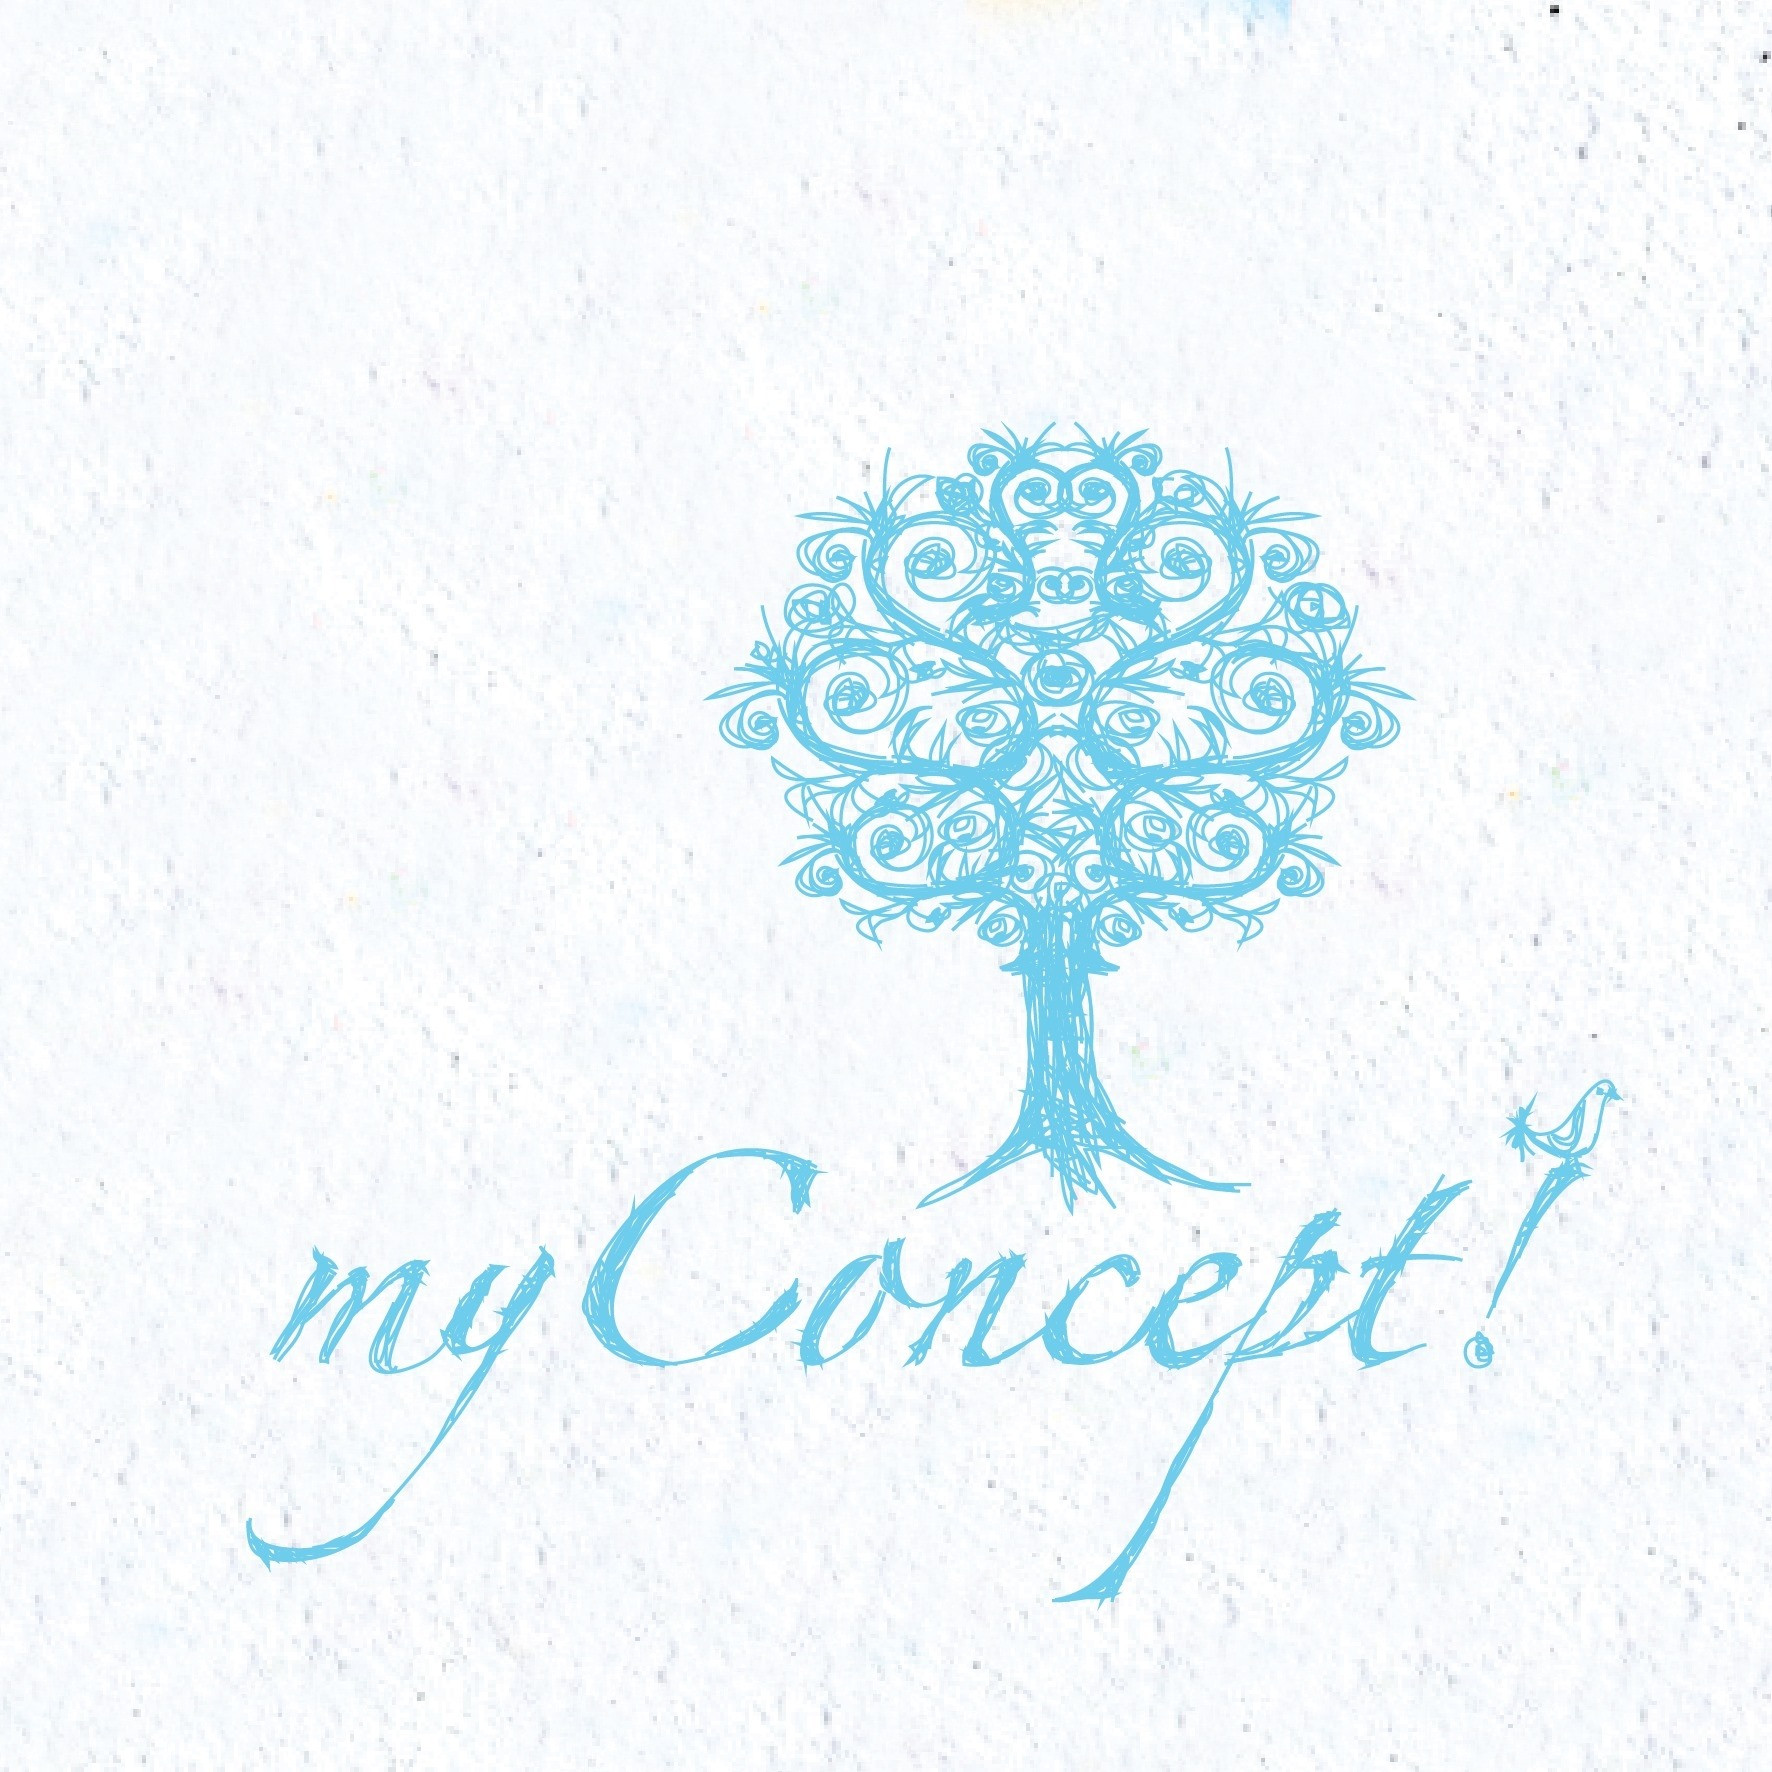 My concept !